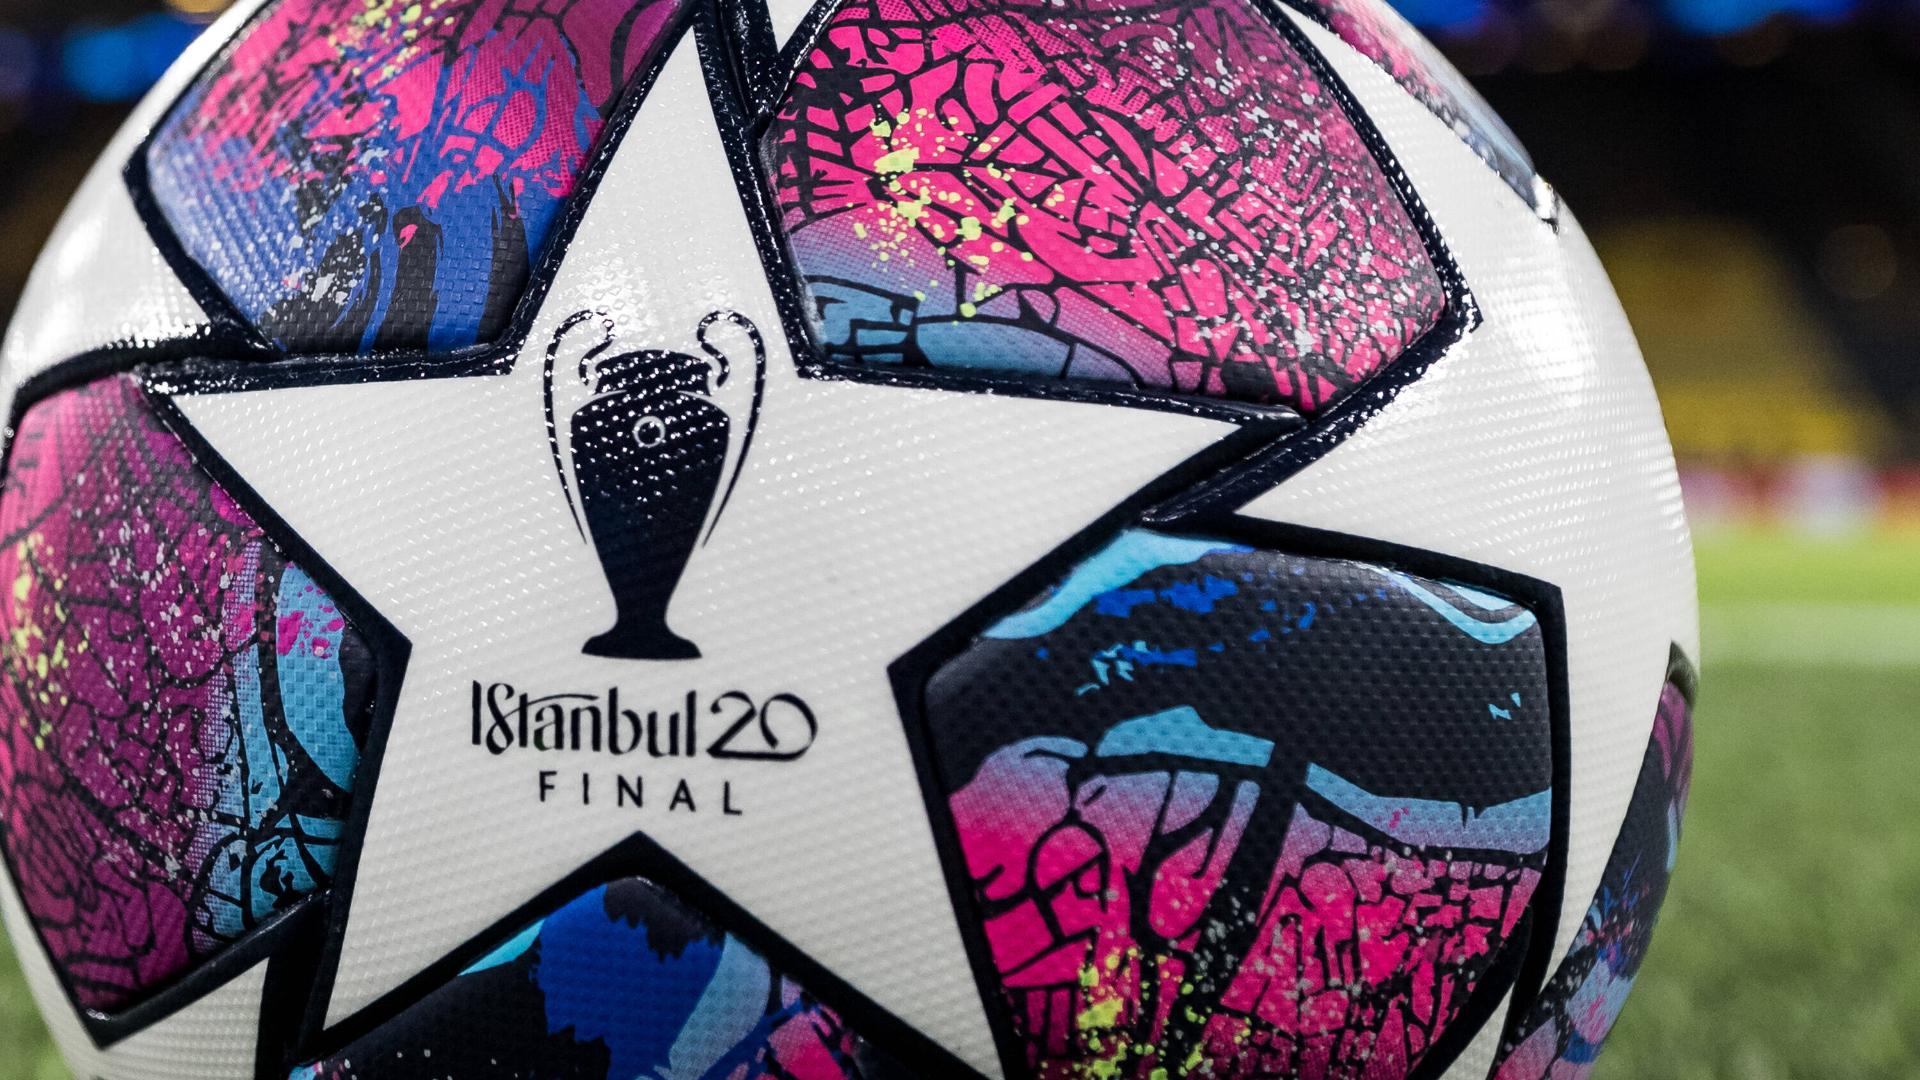 La finale délocalisée loin d'Istanbul — LdC